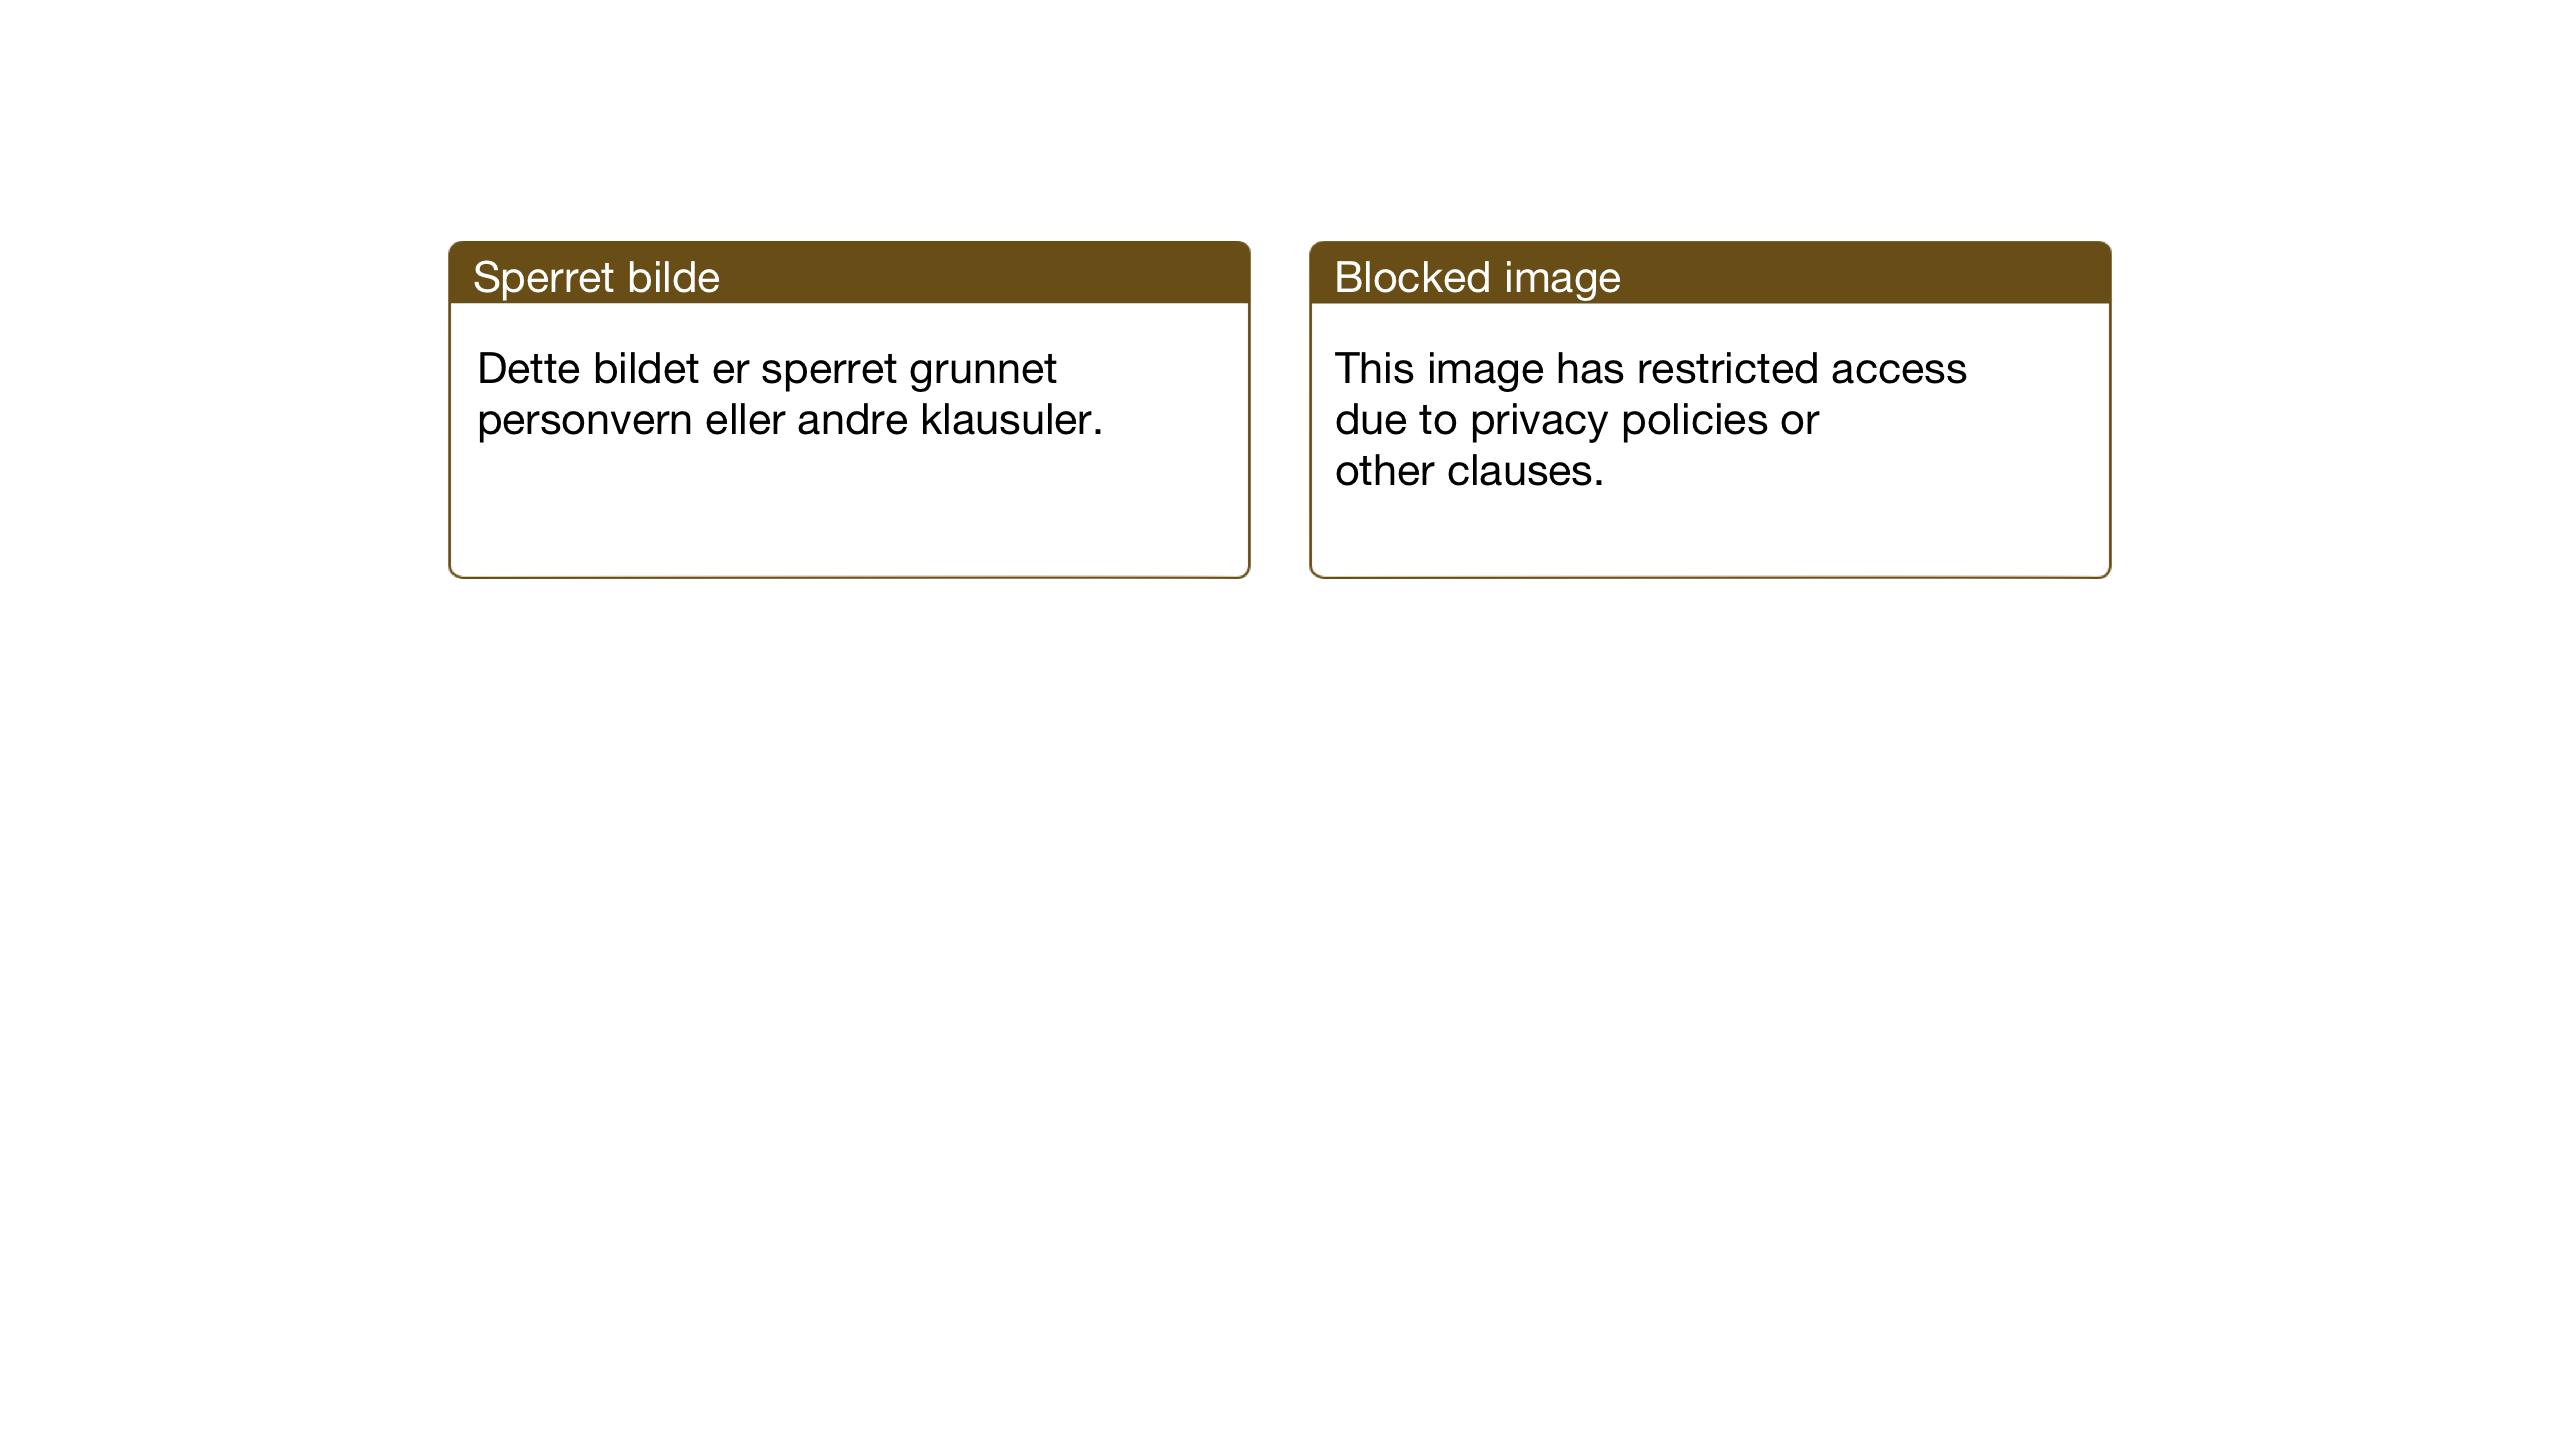 SAT, Ministerialprotokoller, klokkerbøker og fødselsregistre - Nord-Trøndelag, 786/L0689: Klokkerbok nr. 786C01, 1940-1948, s. 256-257